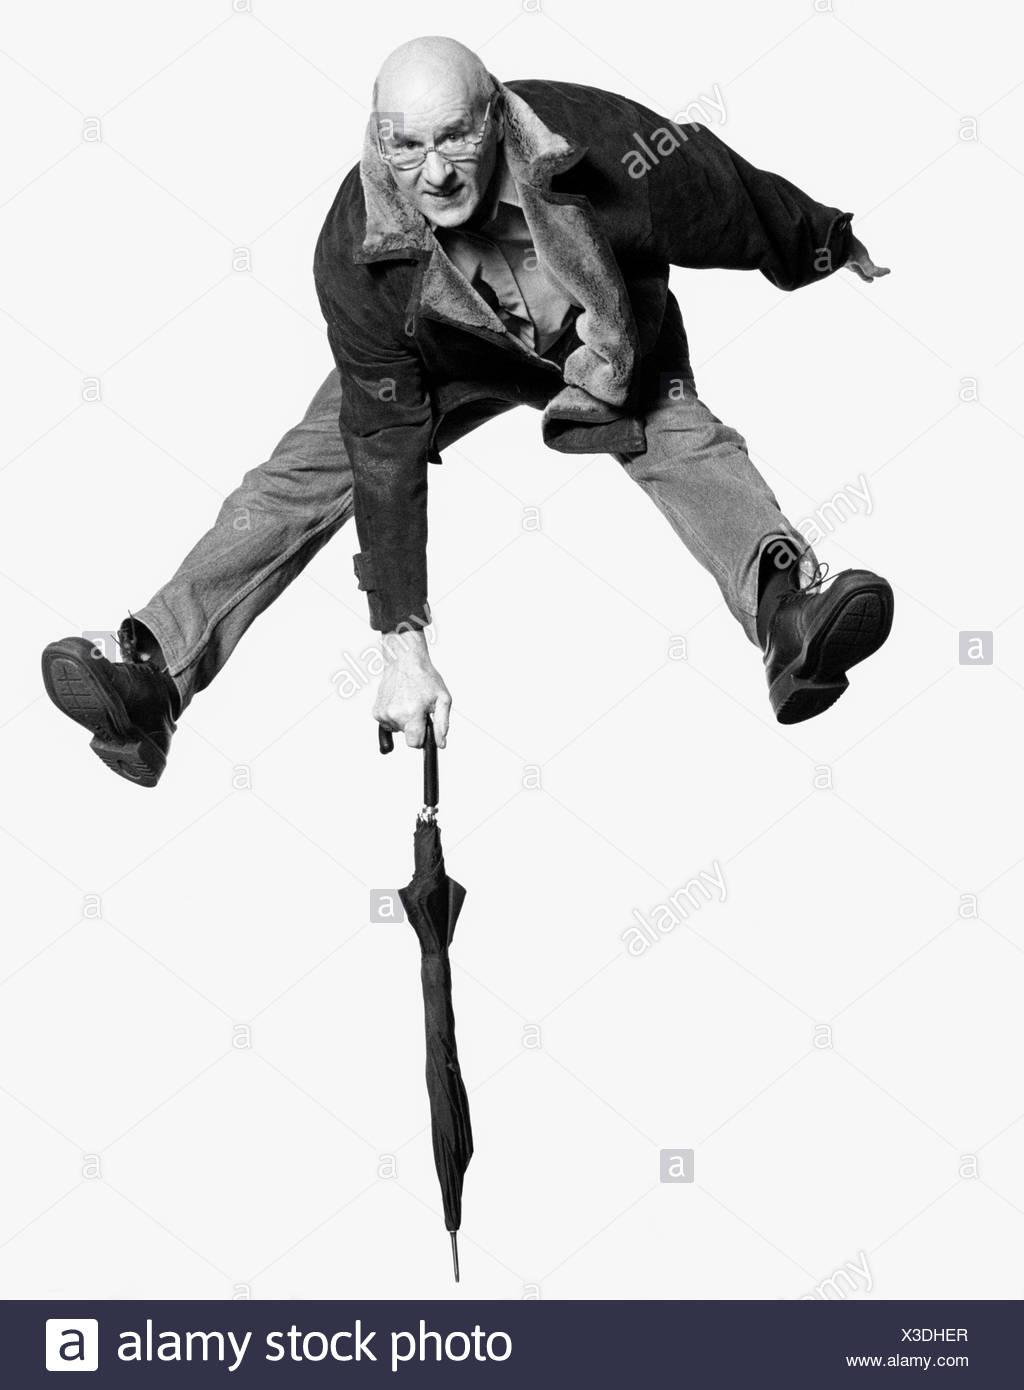 An elderly man in awkward pose - Stock Image